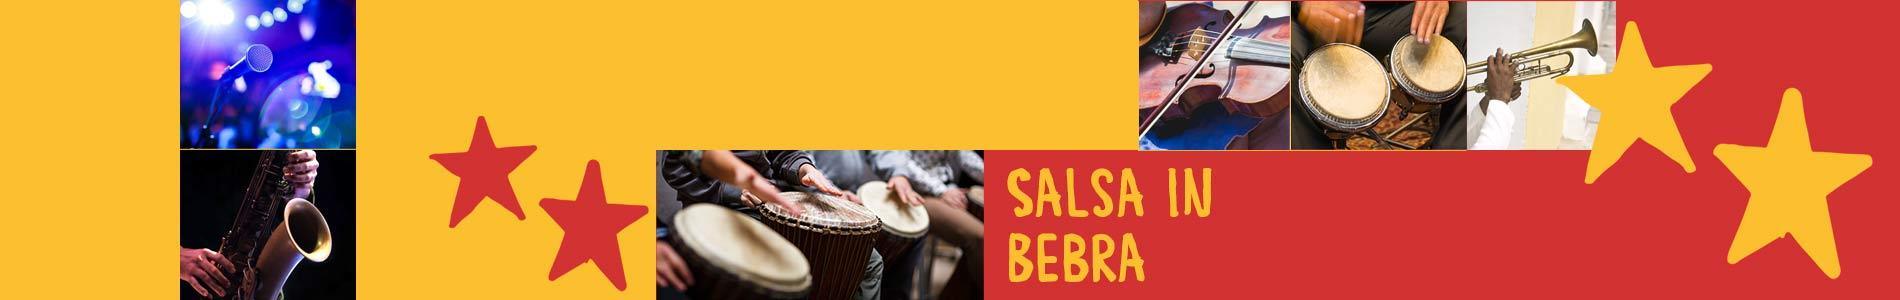 Salsa in Bebra – Salsa lernen und tanzen, Tanzkurse, Partys, Veranstaltungen